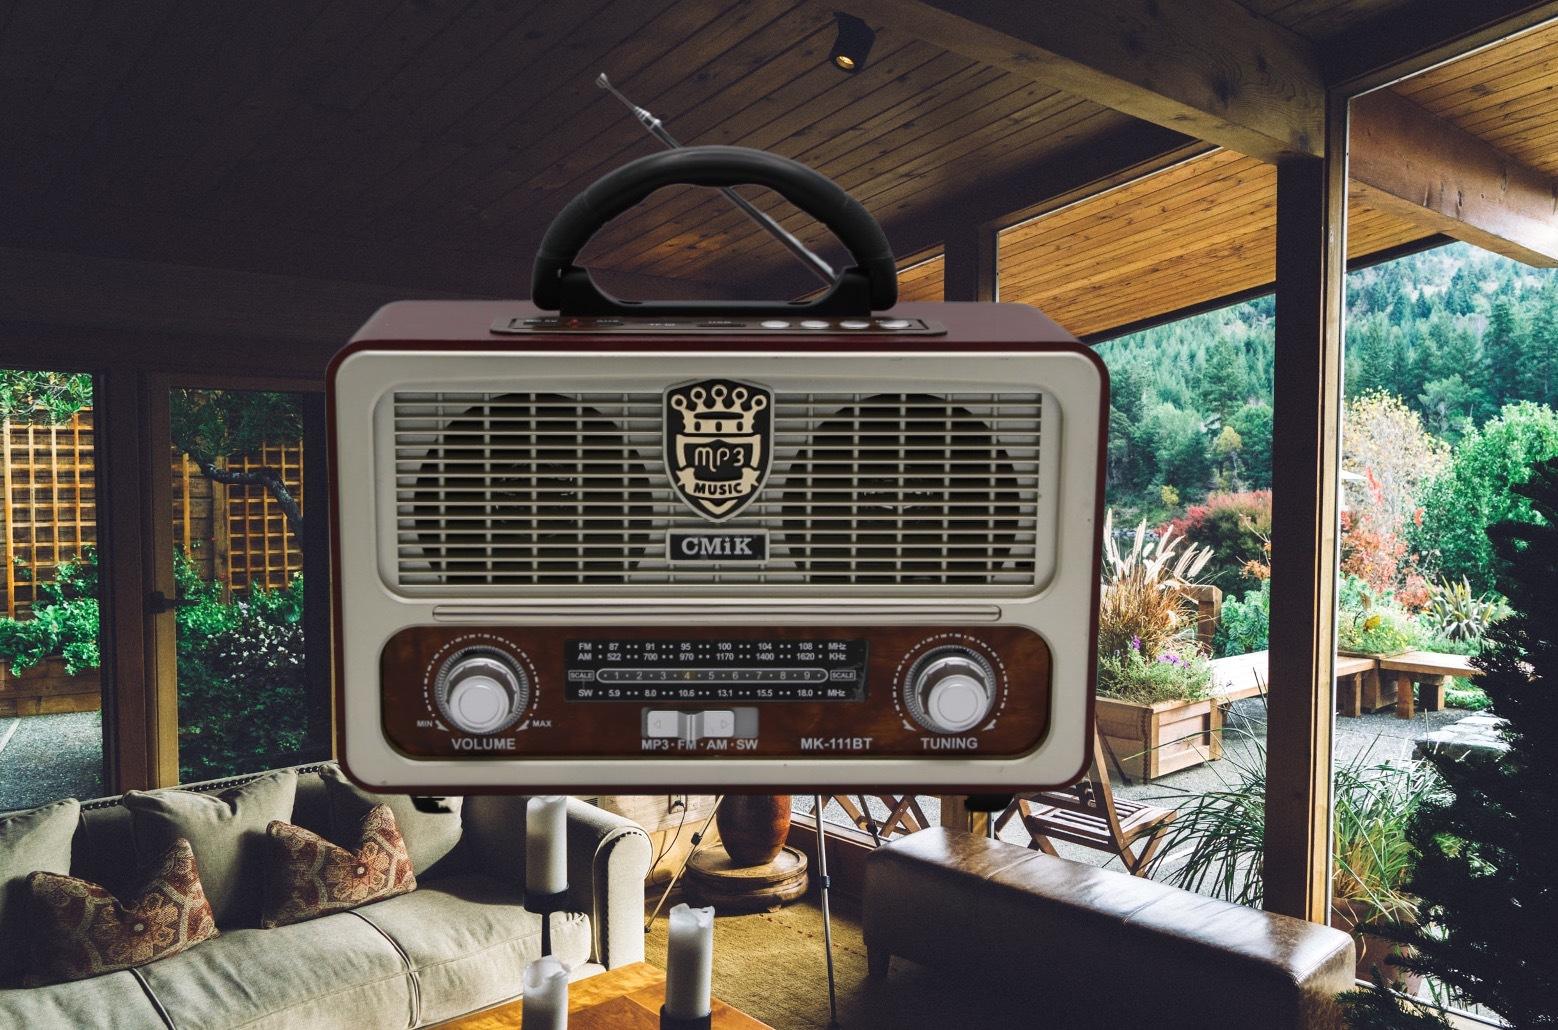 欧洲古典复古蓝牙音响全波段老人老式收音机广播手机插卡音响摇控